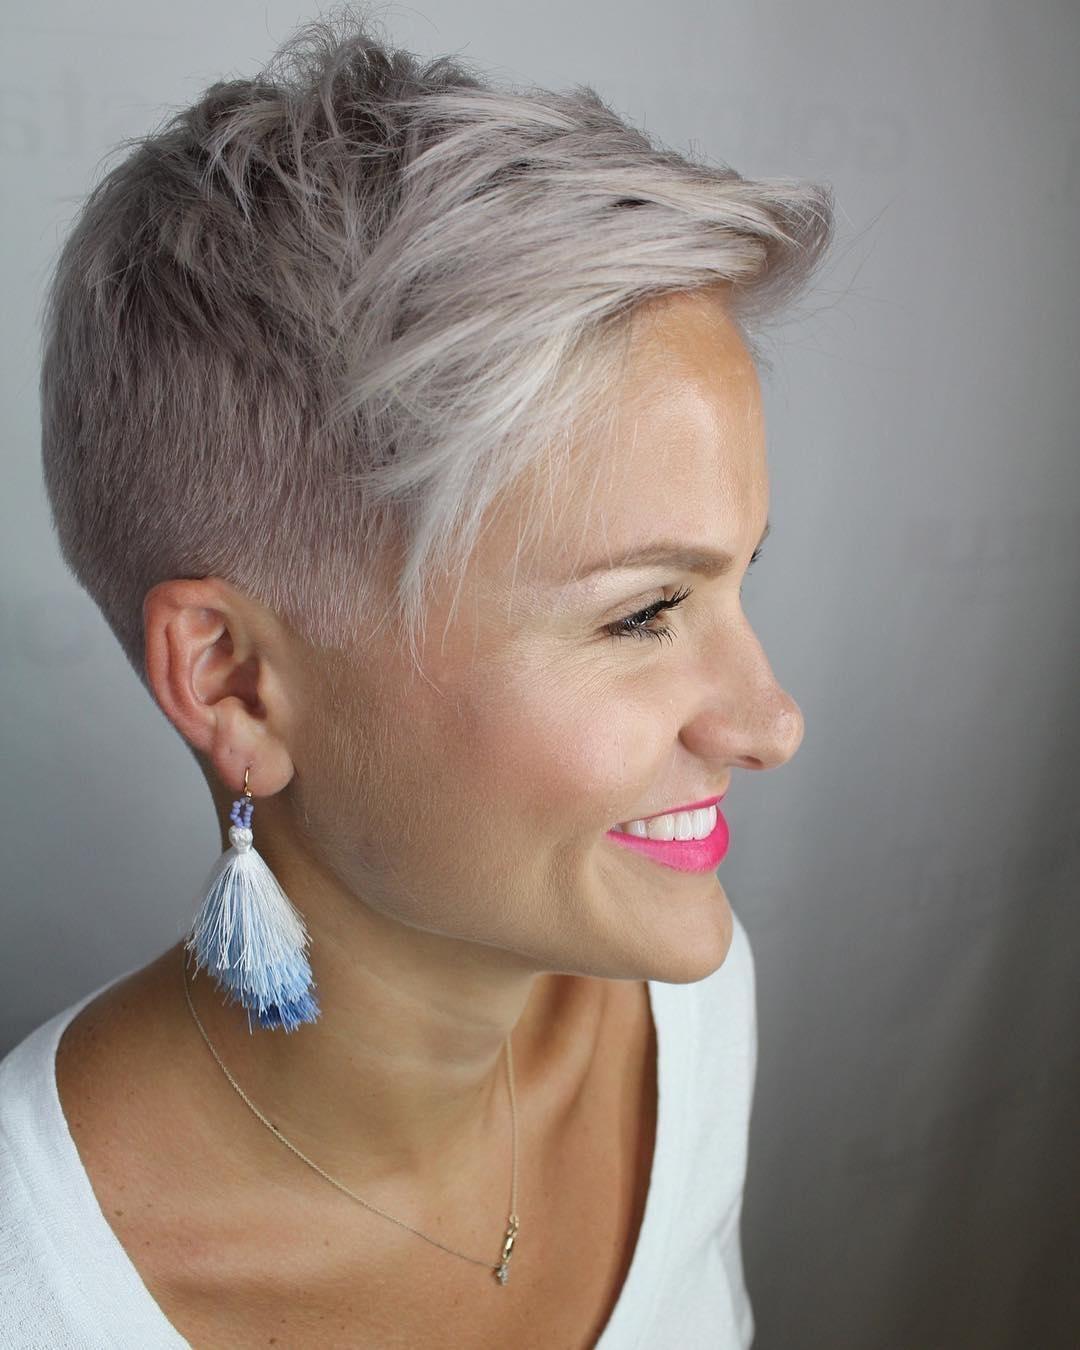 elegant fade haircut for women | shemazing!